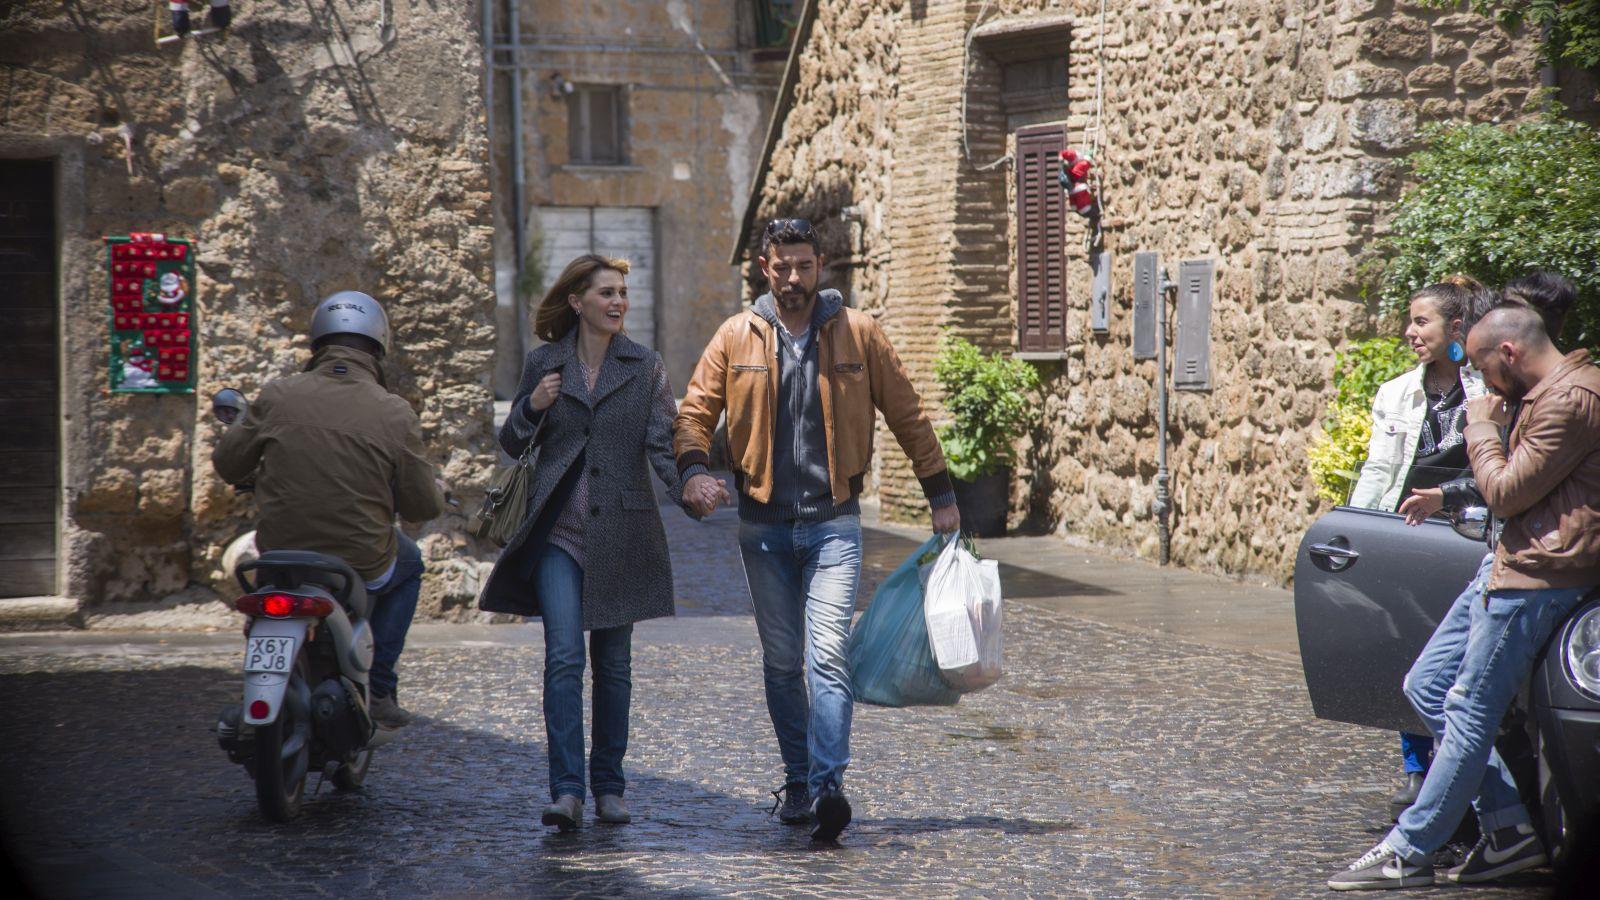 Gli ultimi saranno ultimi: Paola Cortellesi e Alessandro Gassman camminano in una scena del film